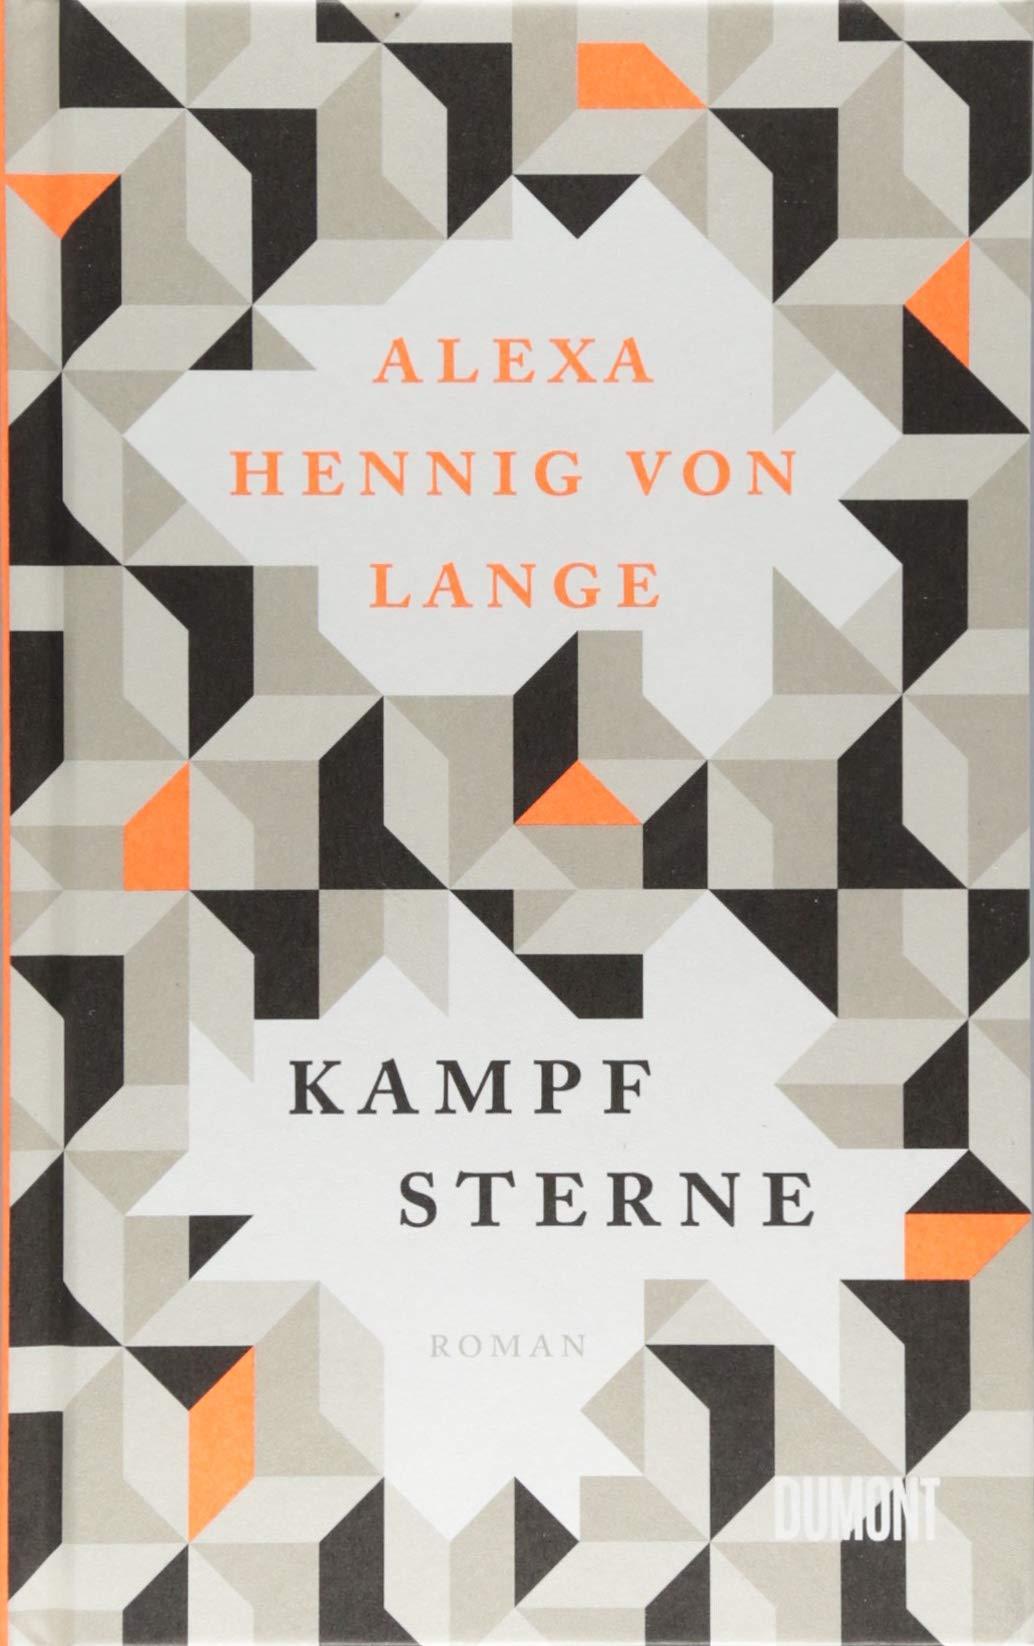 Kampfsterne: Roman Gebundenes Buch – 9. Oktober 2018 Alexa Hennig von Lange 3832197745 Deutsch Deutsche Belletristik / Roman